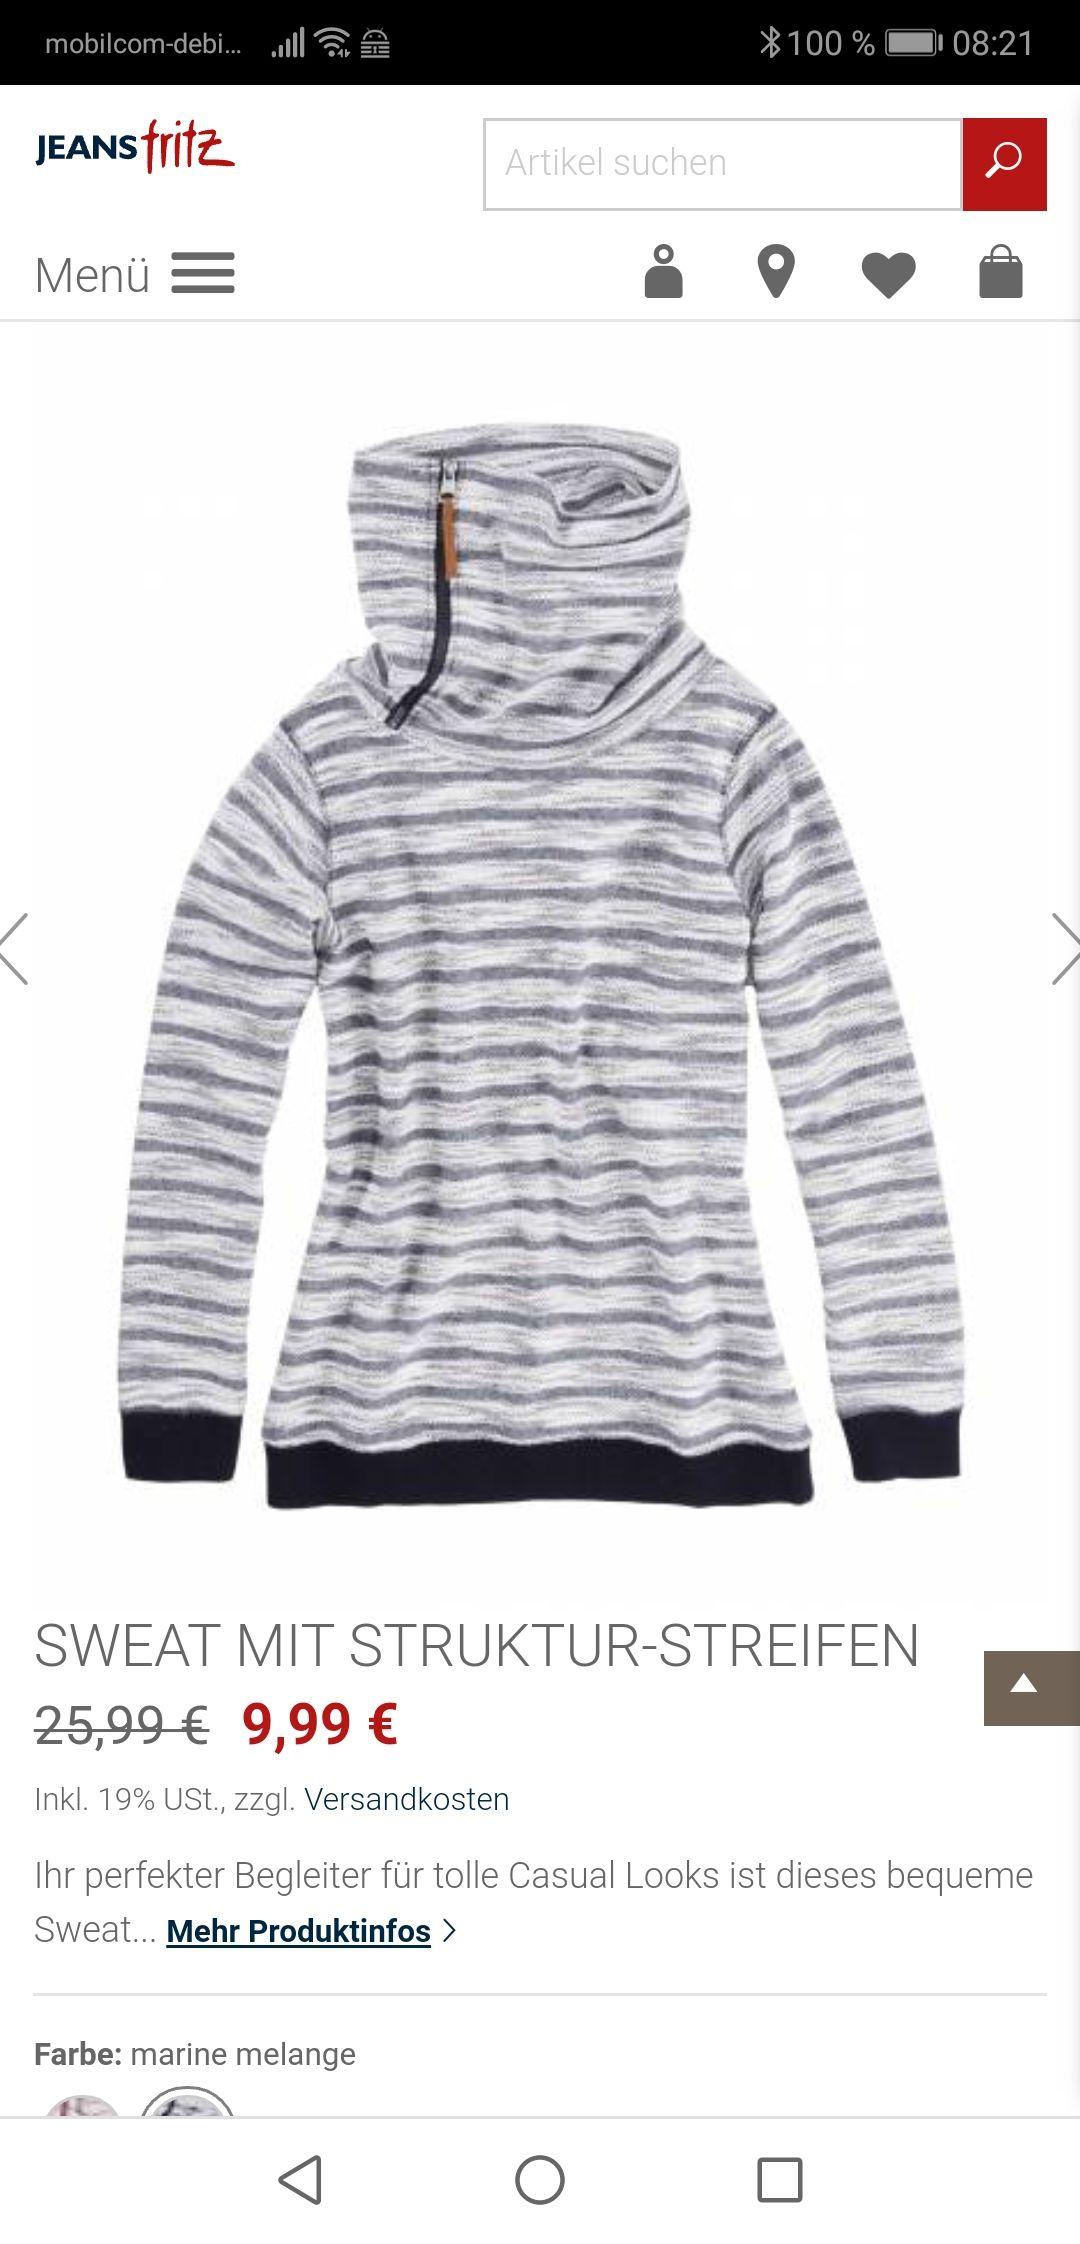 Jeans Fritz Sale stark reduziert: SWEAT MIT STRUKTUR-STREIFEN